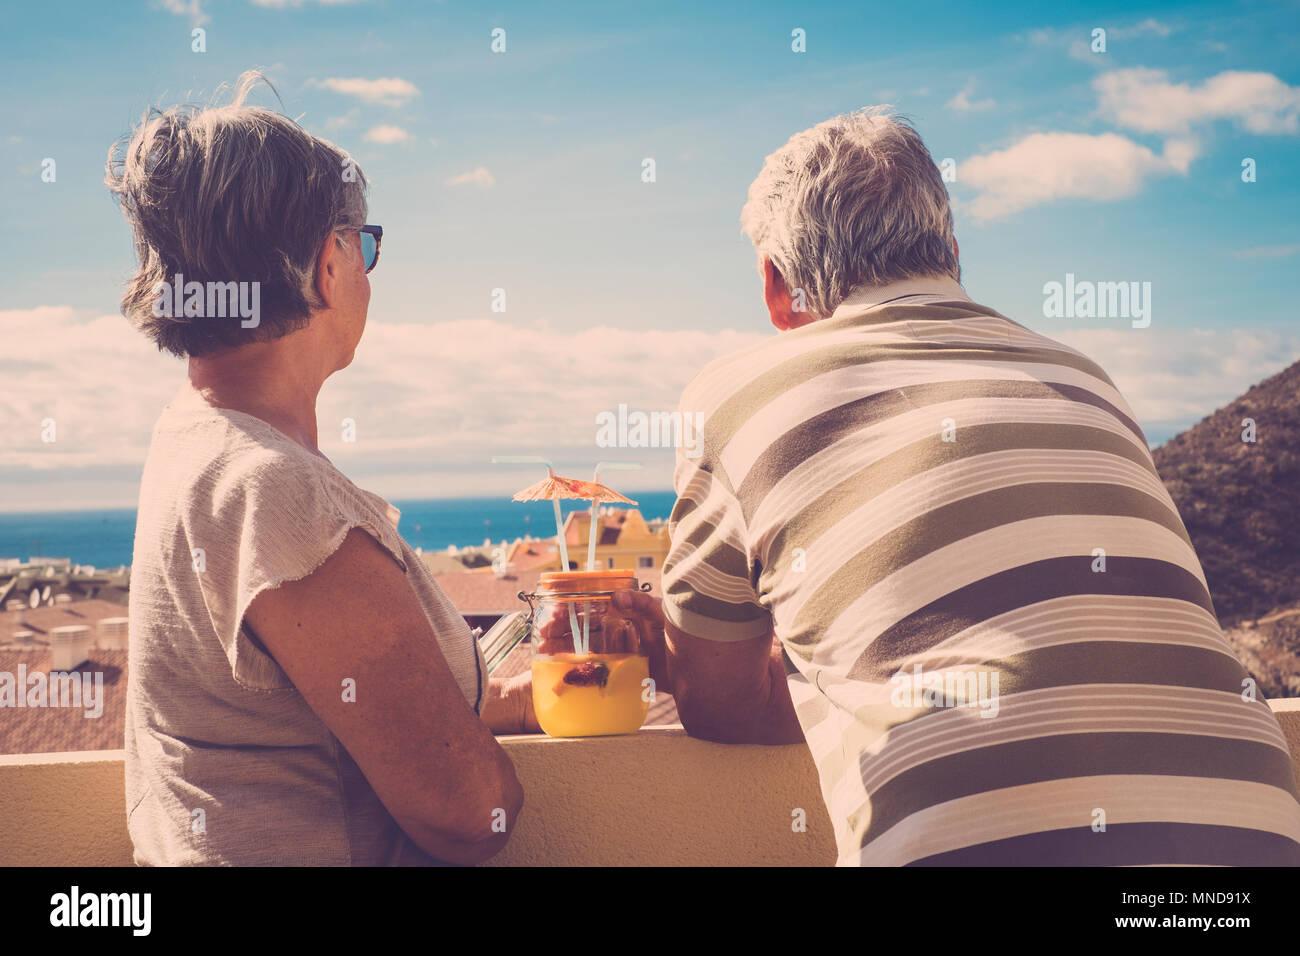 Deux personnes âgées l'homme et de la femme à l'ensemble sur l'océan en vacances. Vue arrière avec des toits de style vintage. Photo Stock